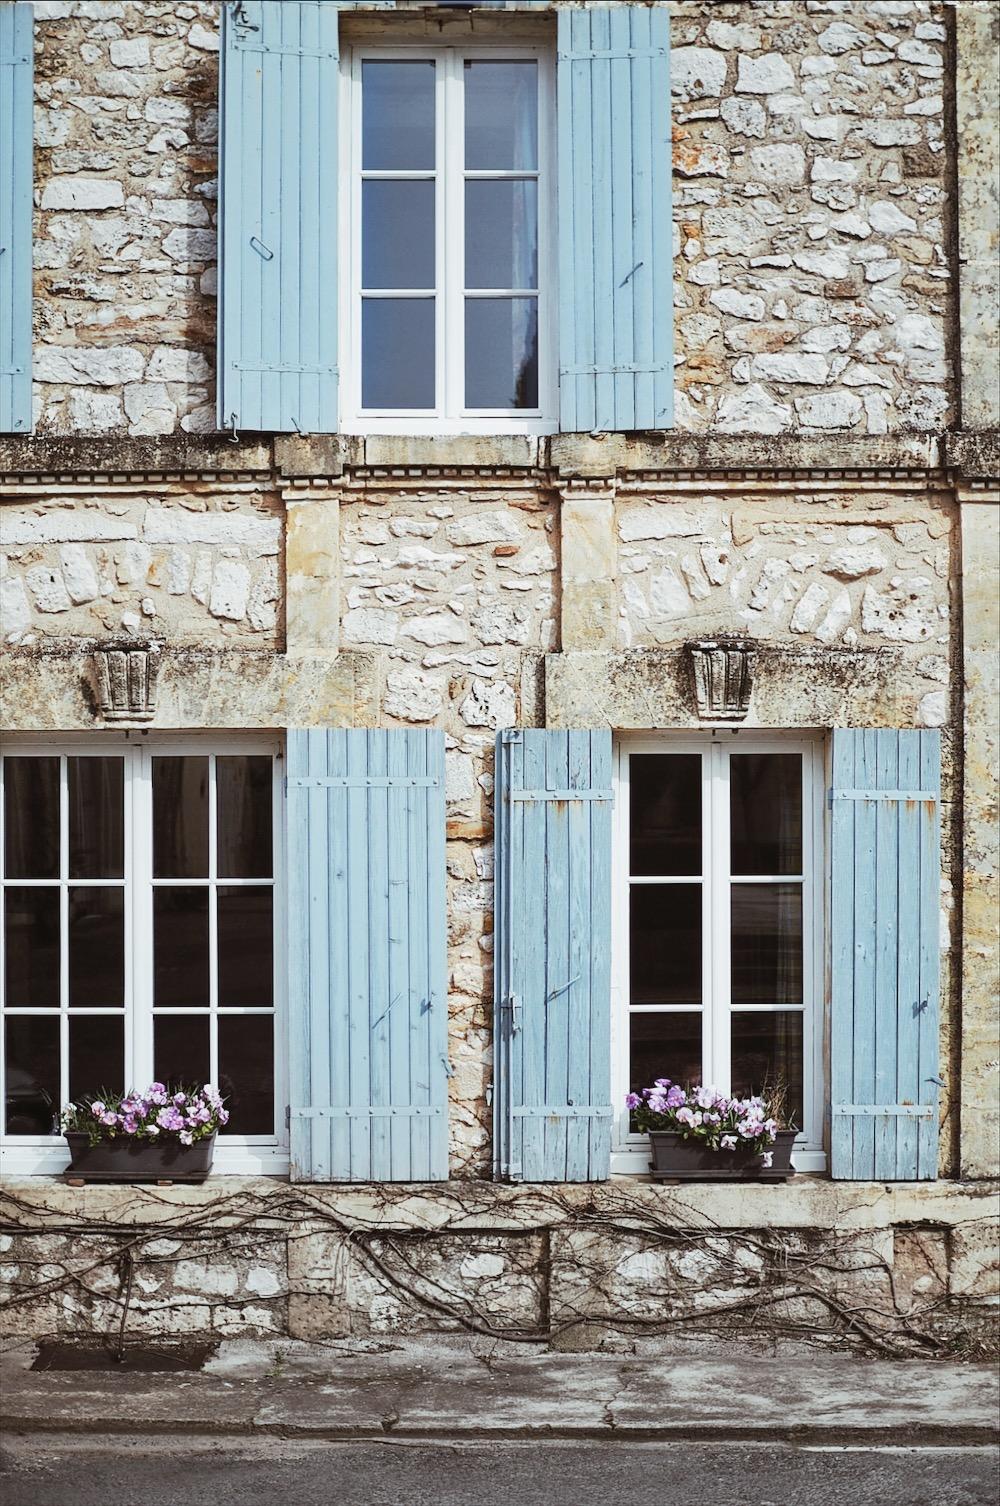 Semitour Périgord Monpazier